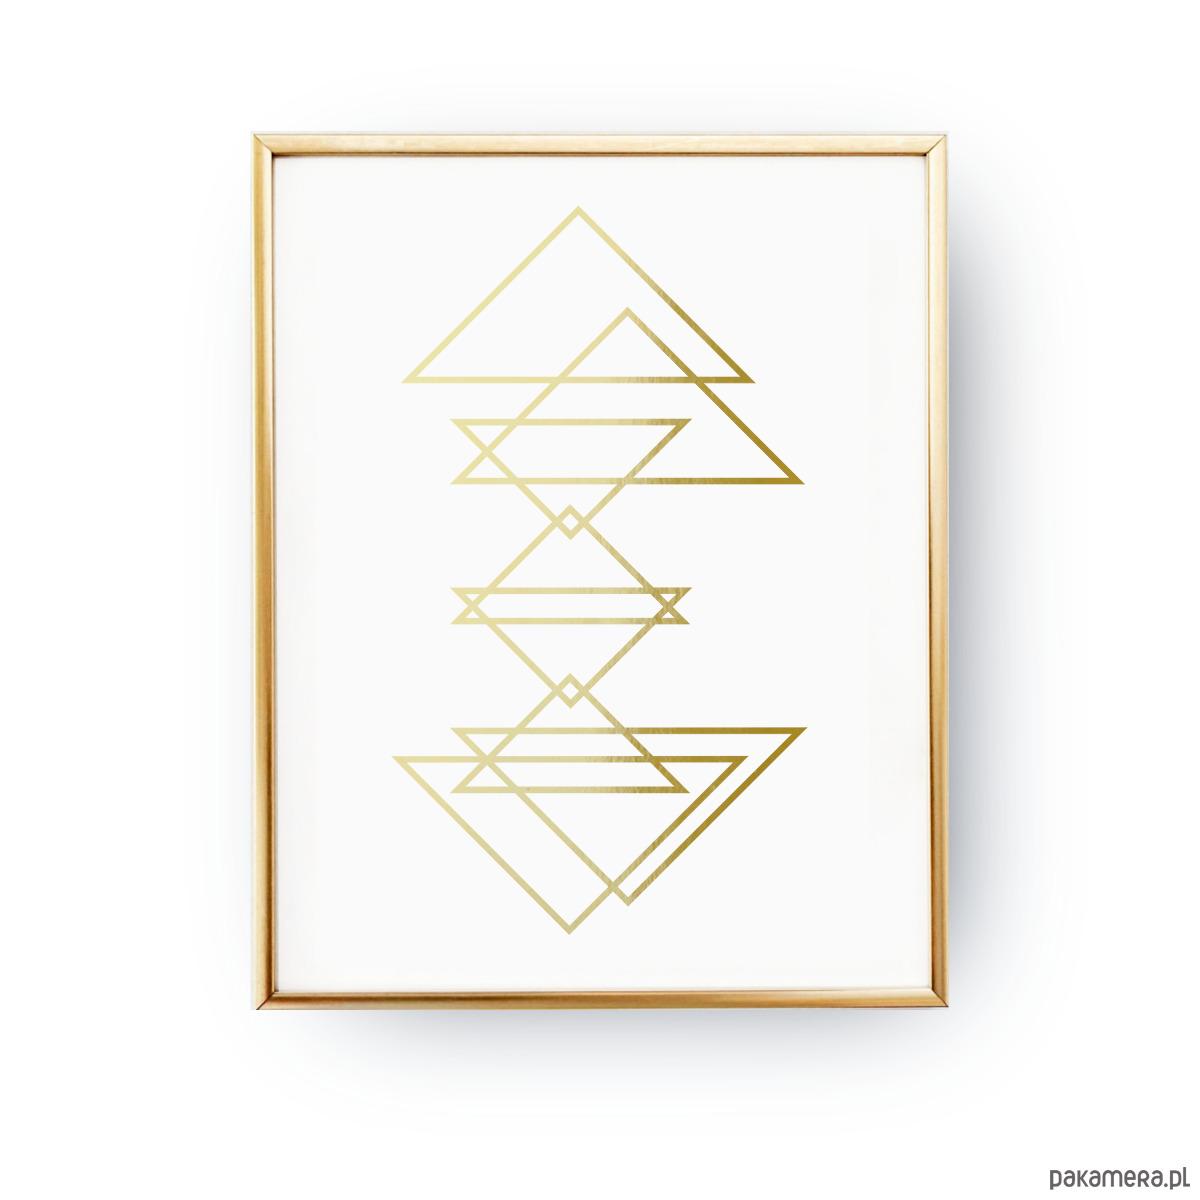 Geometryczne Trójkąty Złoty Druk Pakamerapl